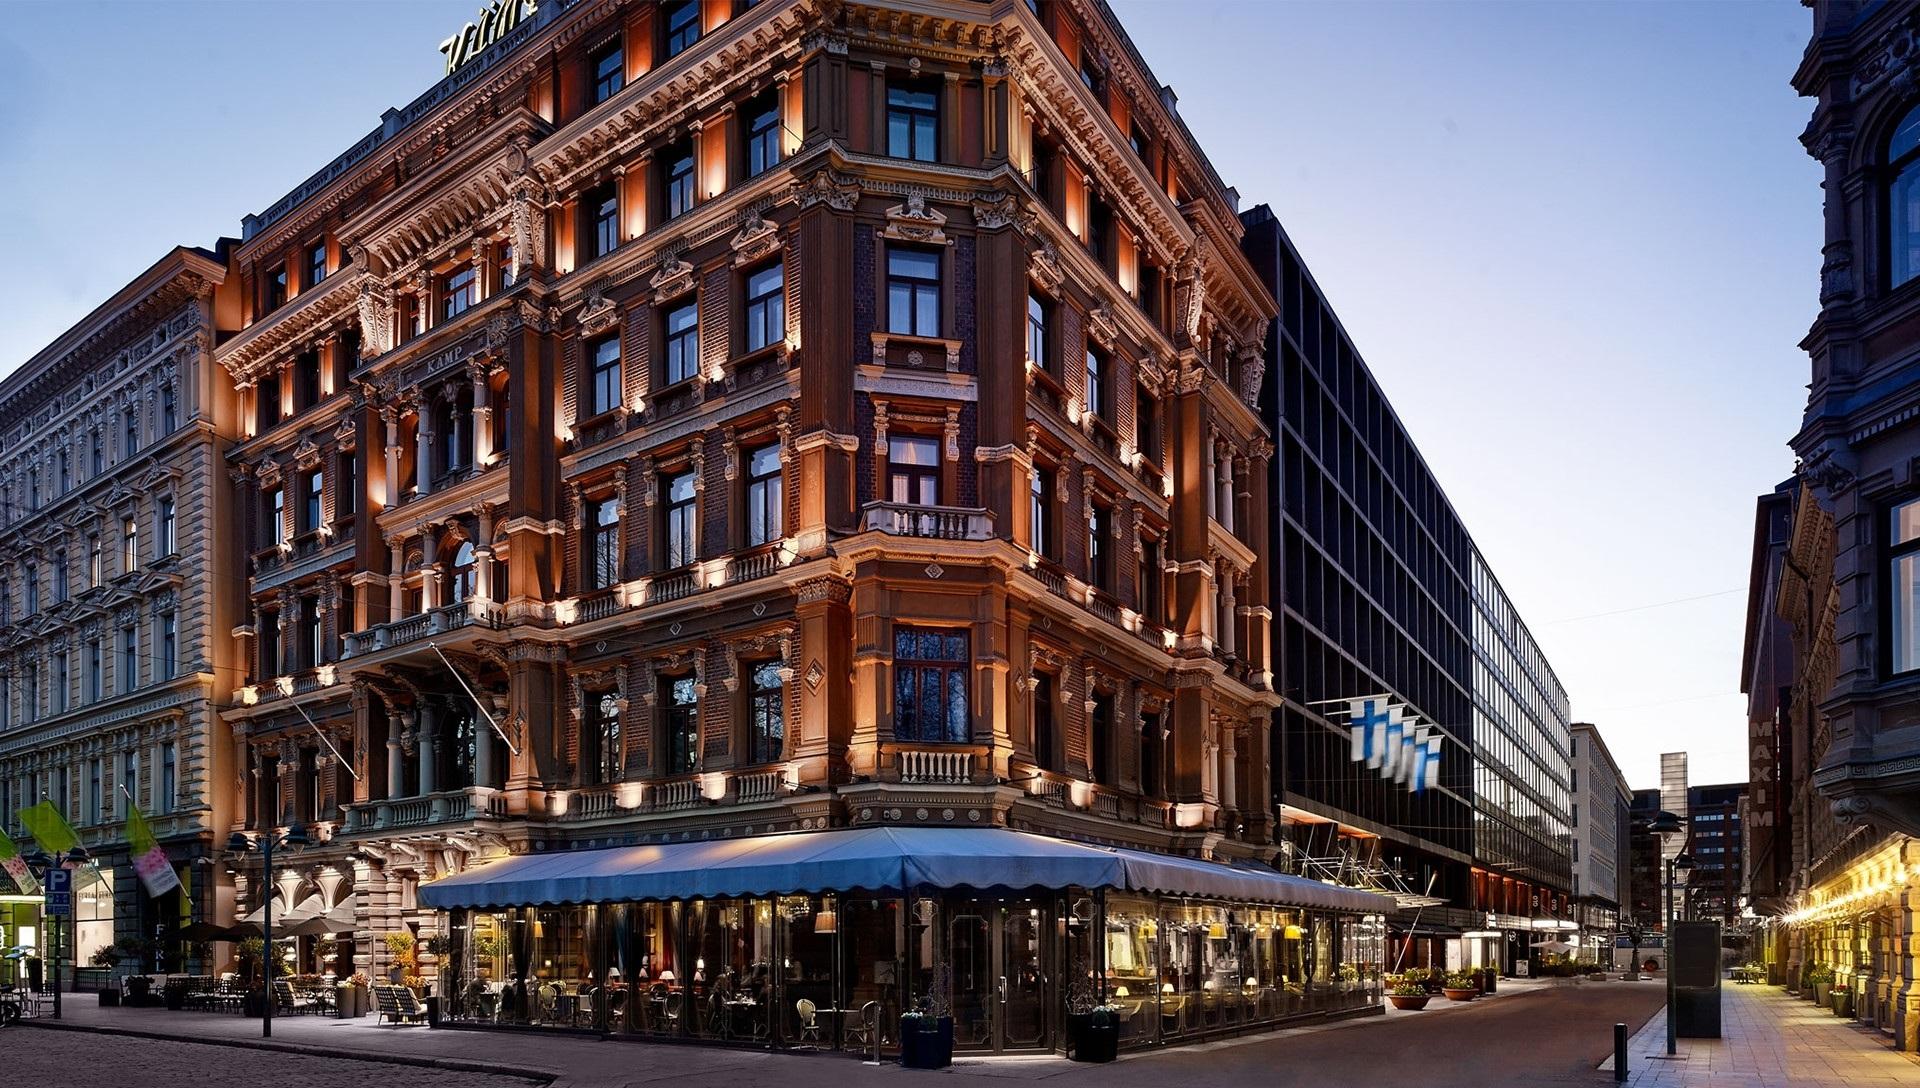 ravintolat helsinki joulu 2018 Hotel Kämp, Helsinki | Hotel Kämp ravintolat helsinki joulu 2018